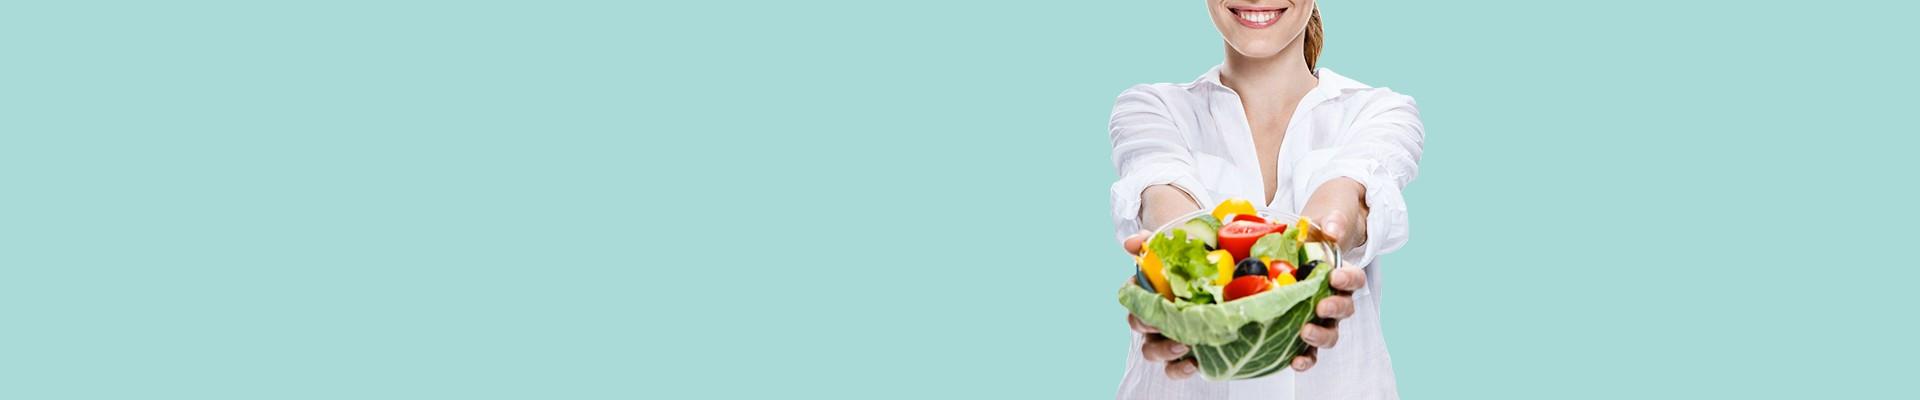 Jual Obat Diet & Vitamin - dari Harga Termurah